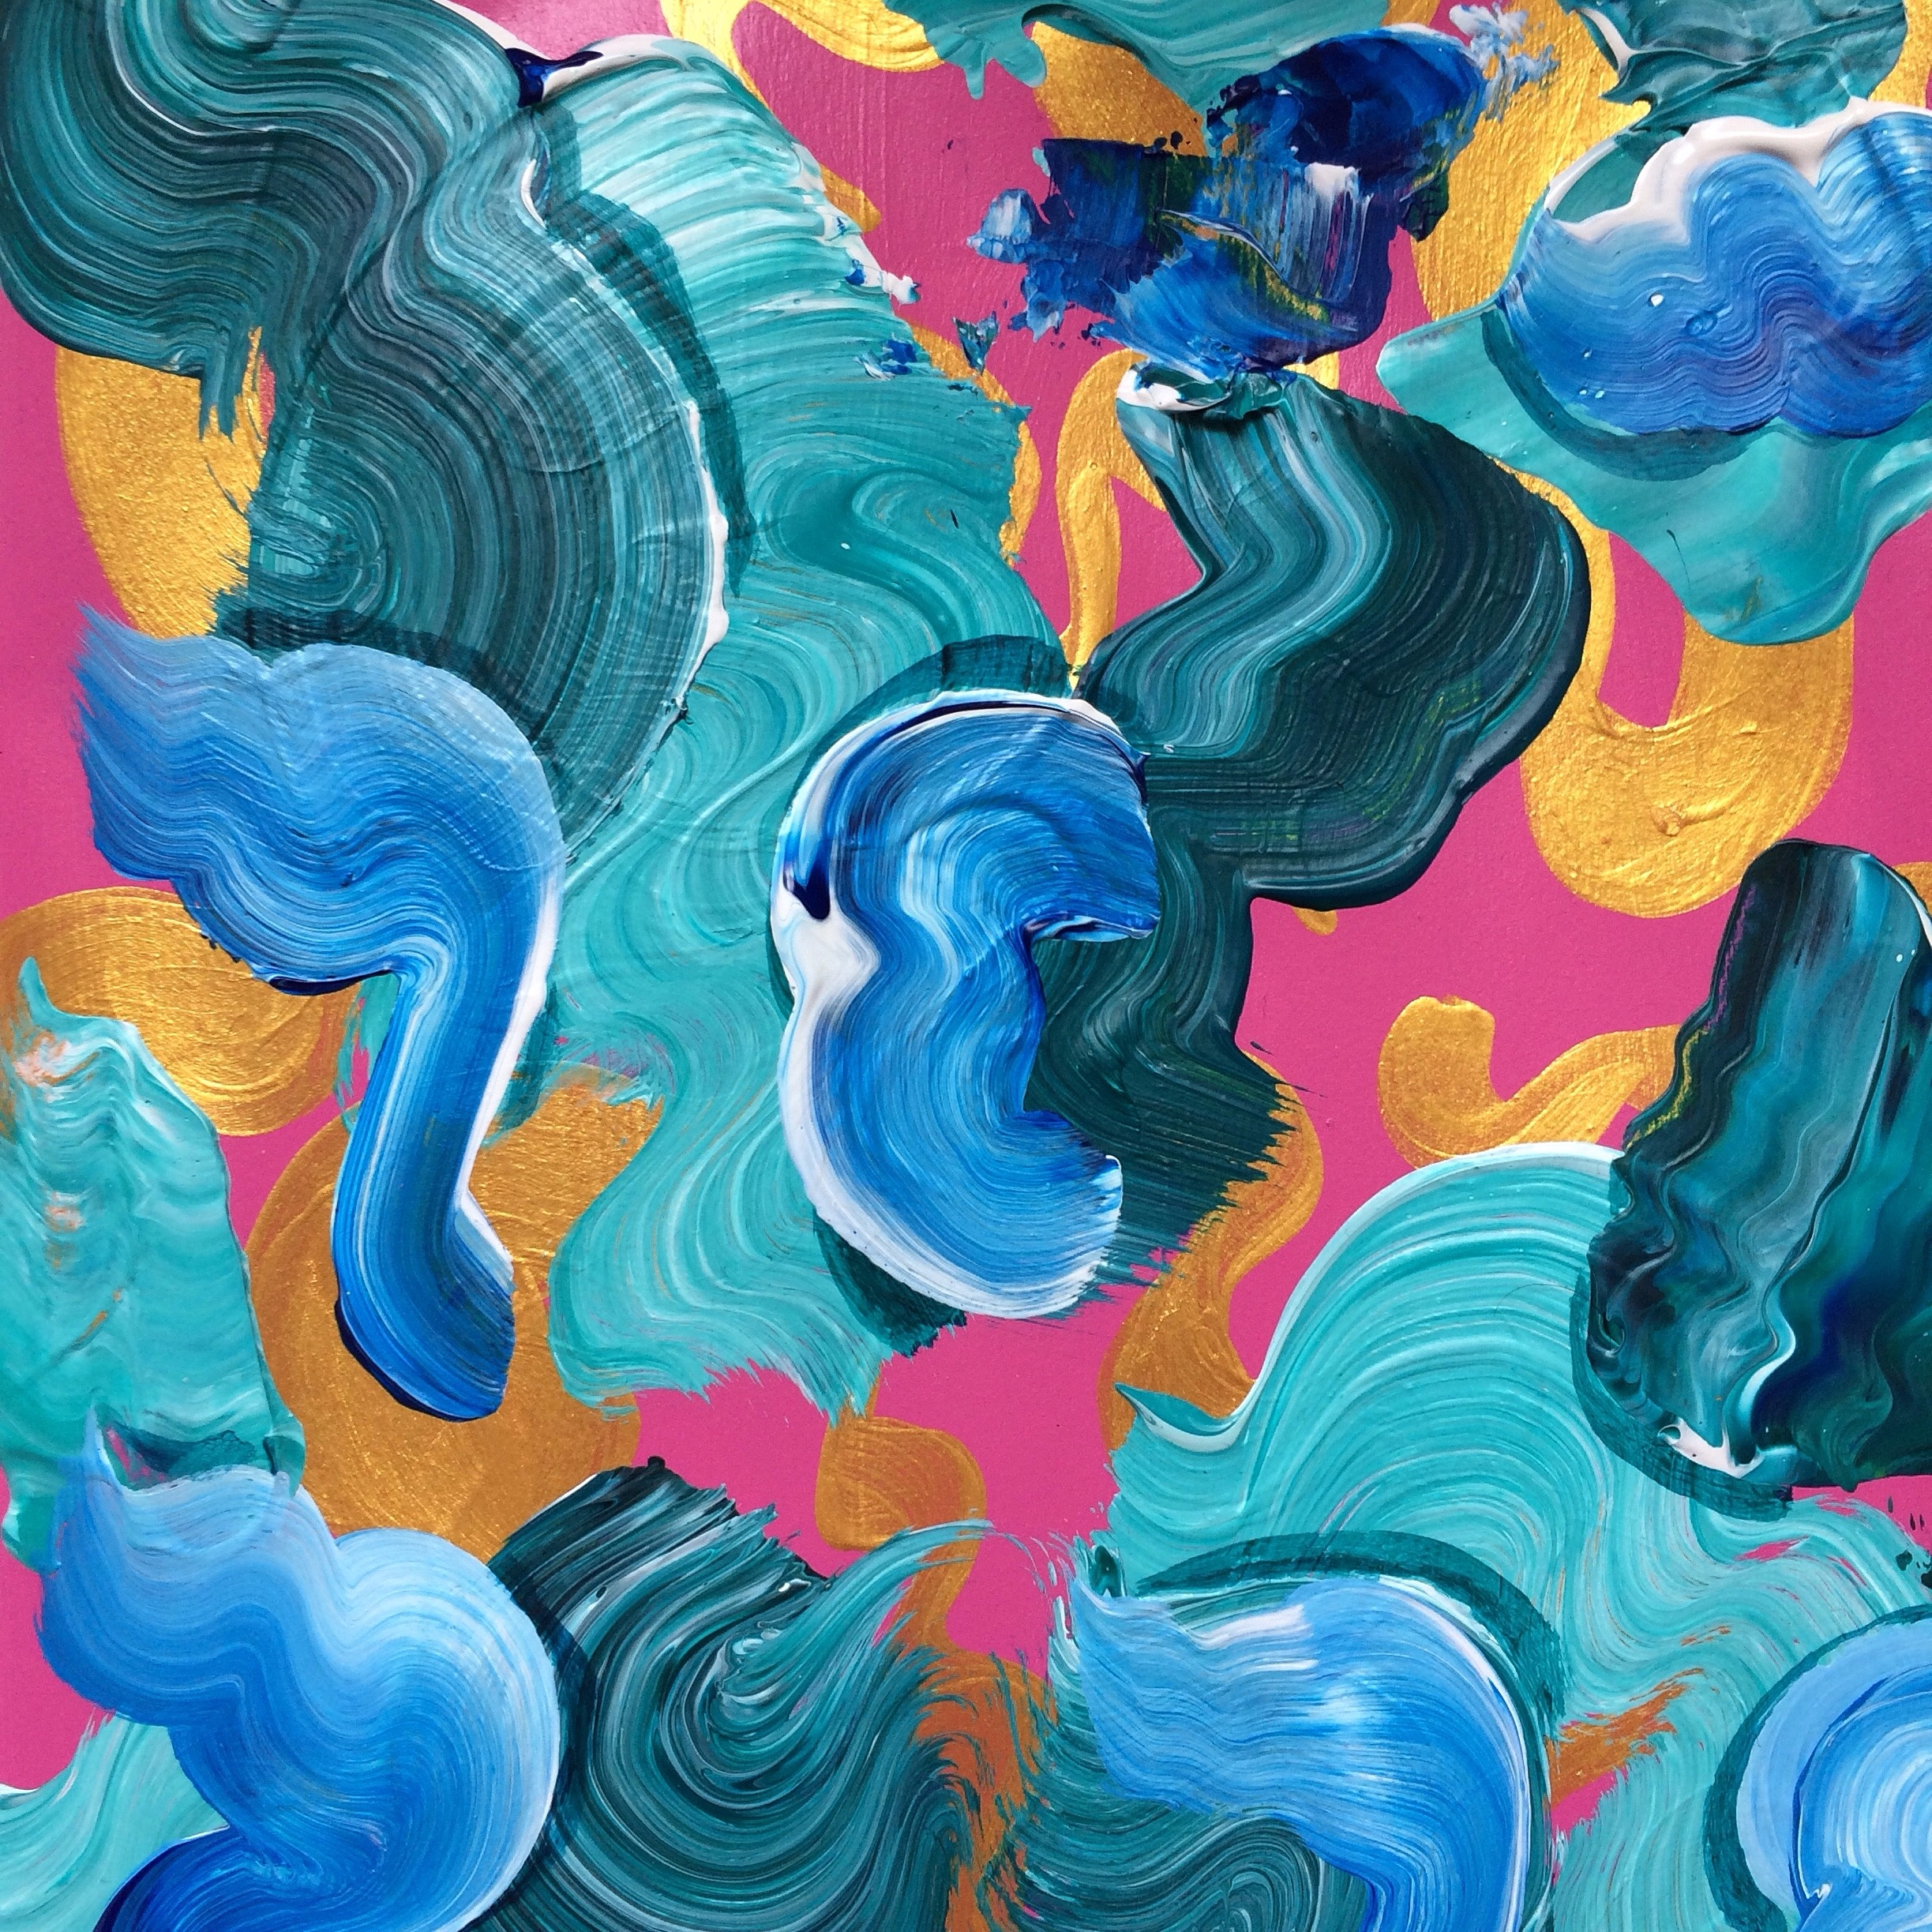 art, abstract - dhuston | ello